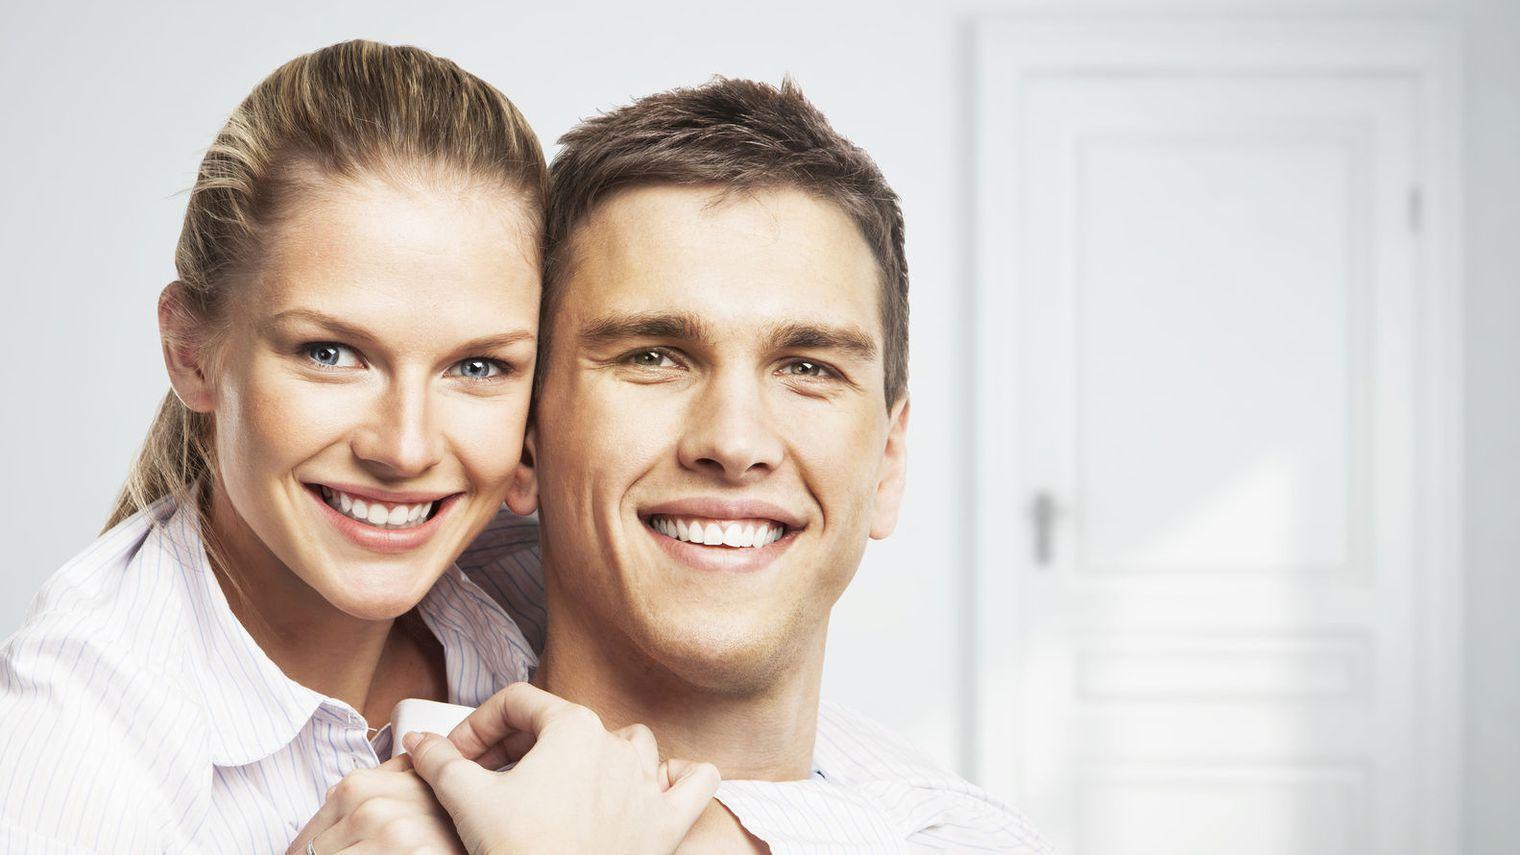 Site rencontre coquine : vous allez trouver les partenaires qu'il vous faut